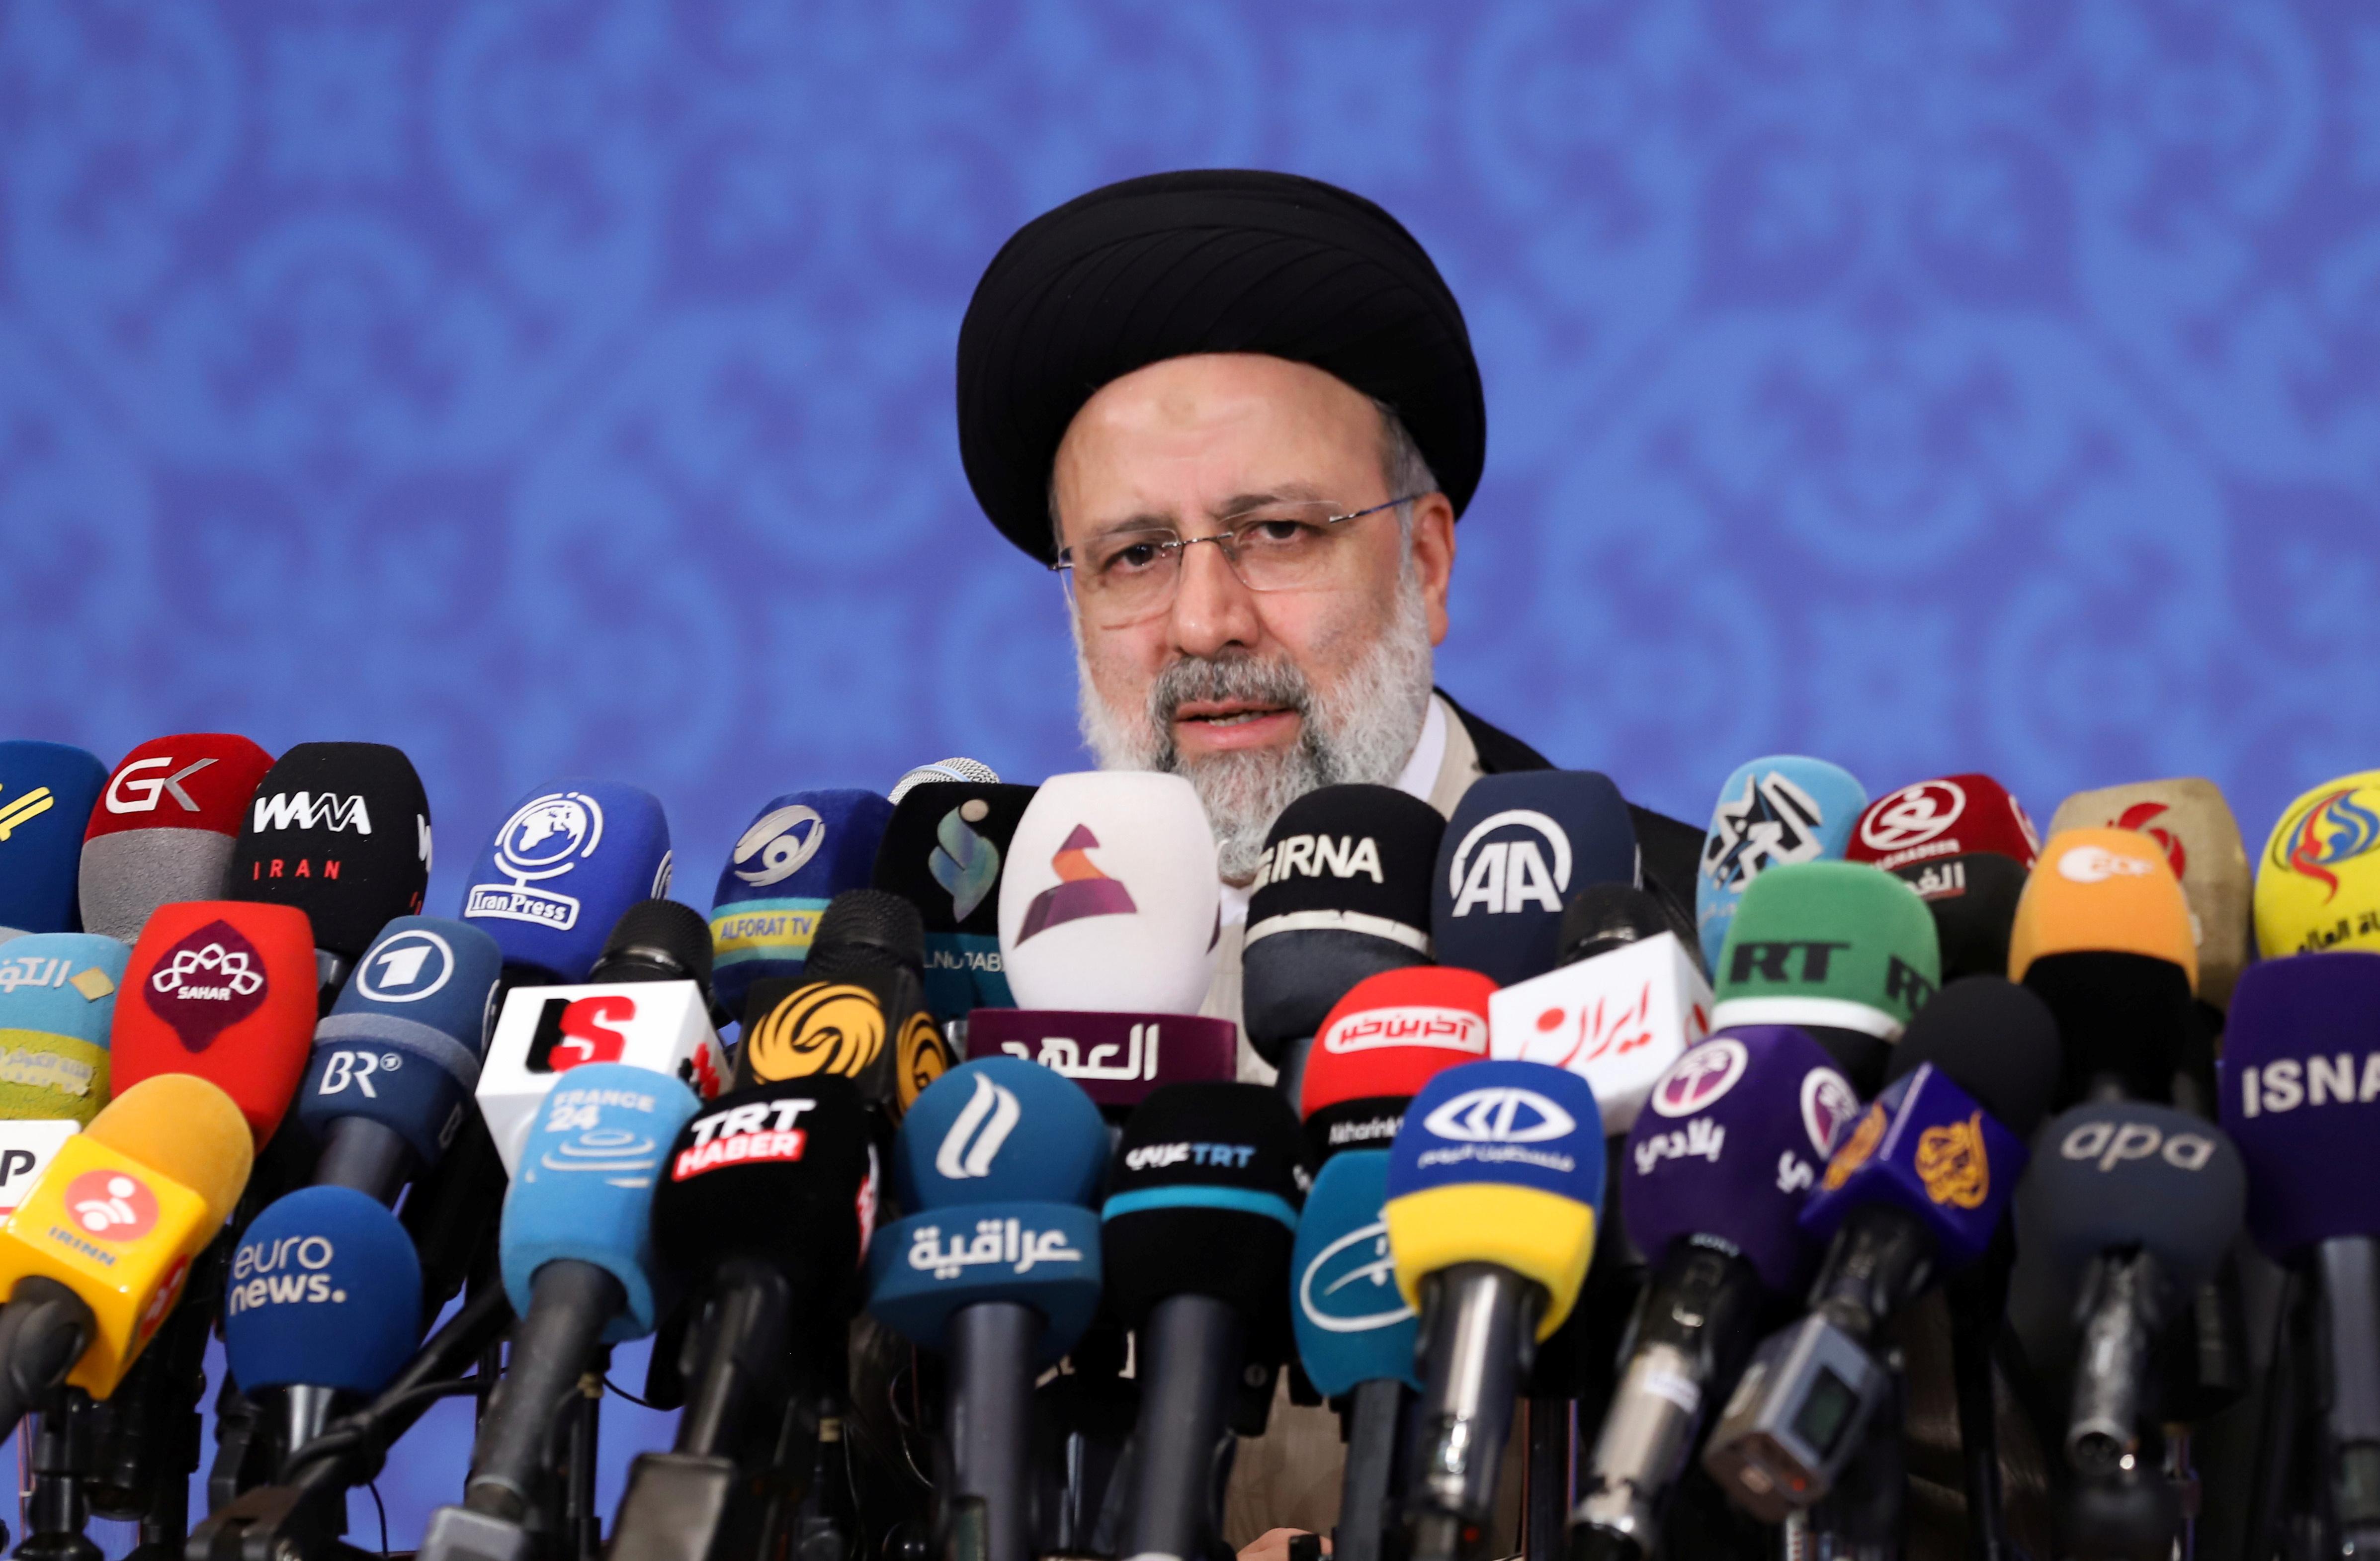 Presidente eleito do Irã, Ebrahim Raisi, durante entrevista coletiva em Teerã